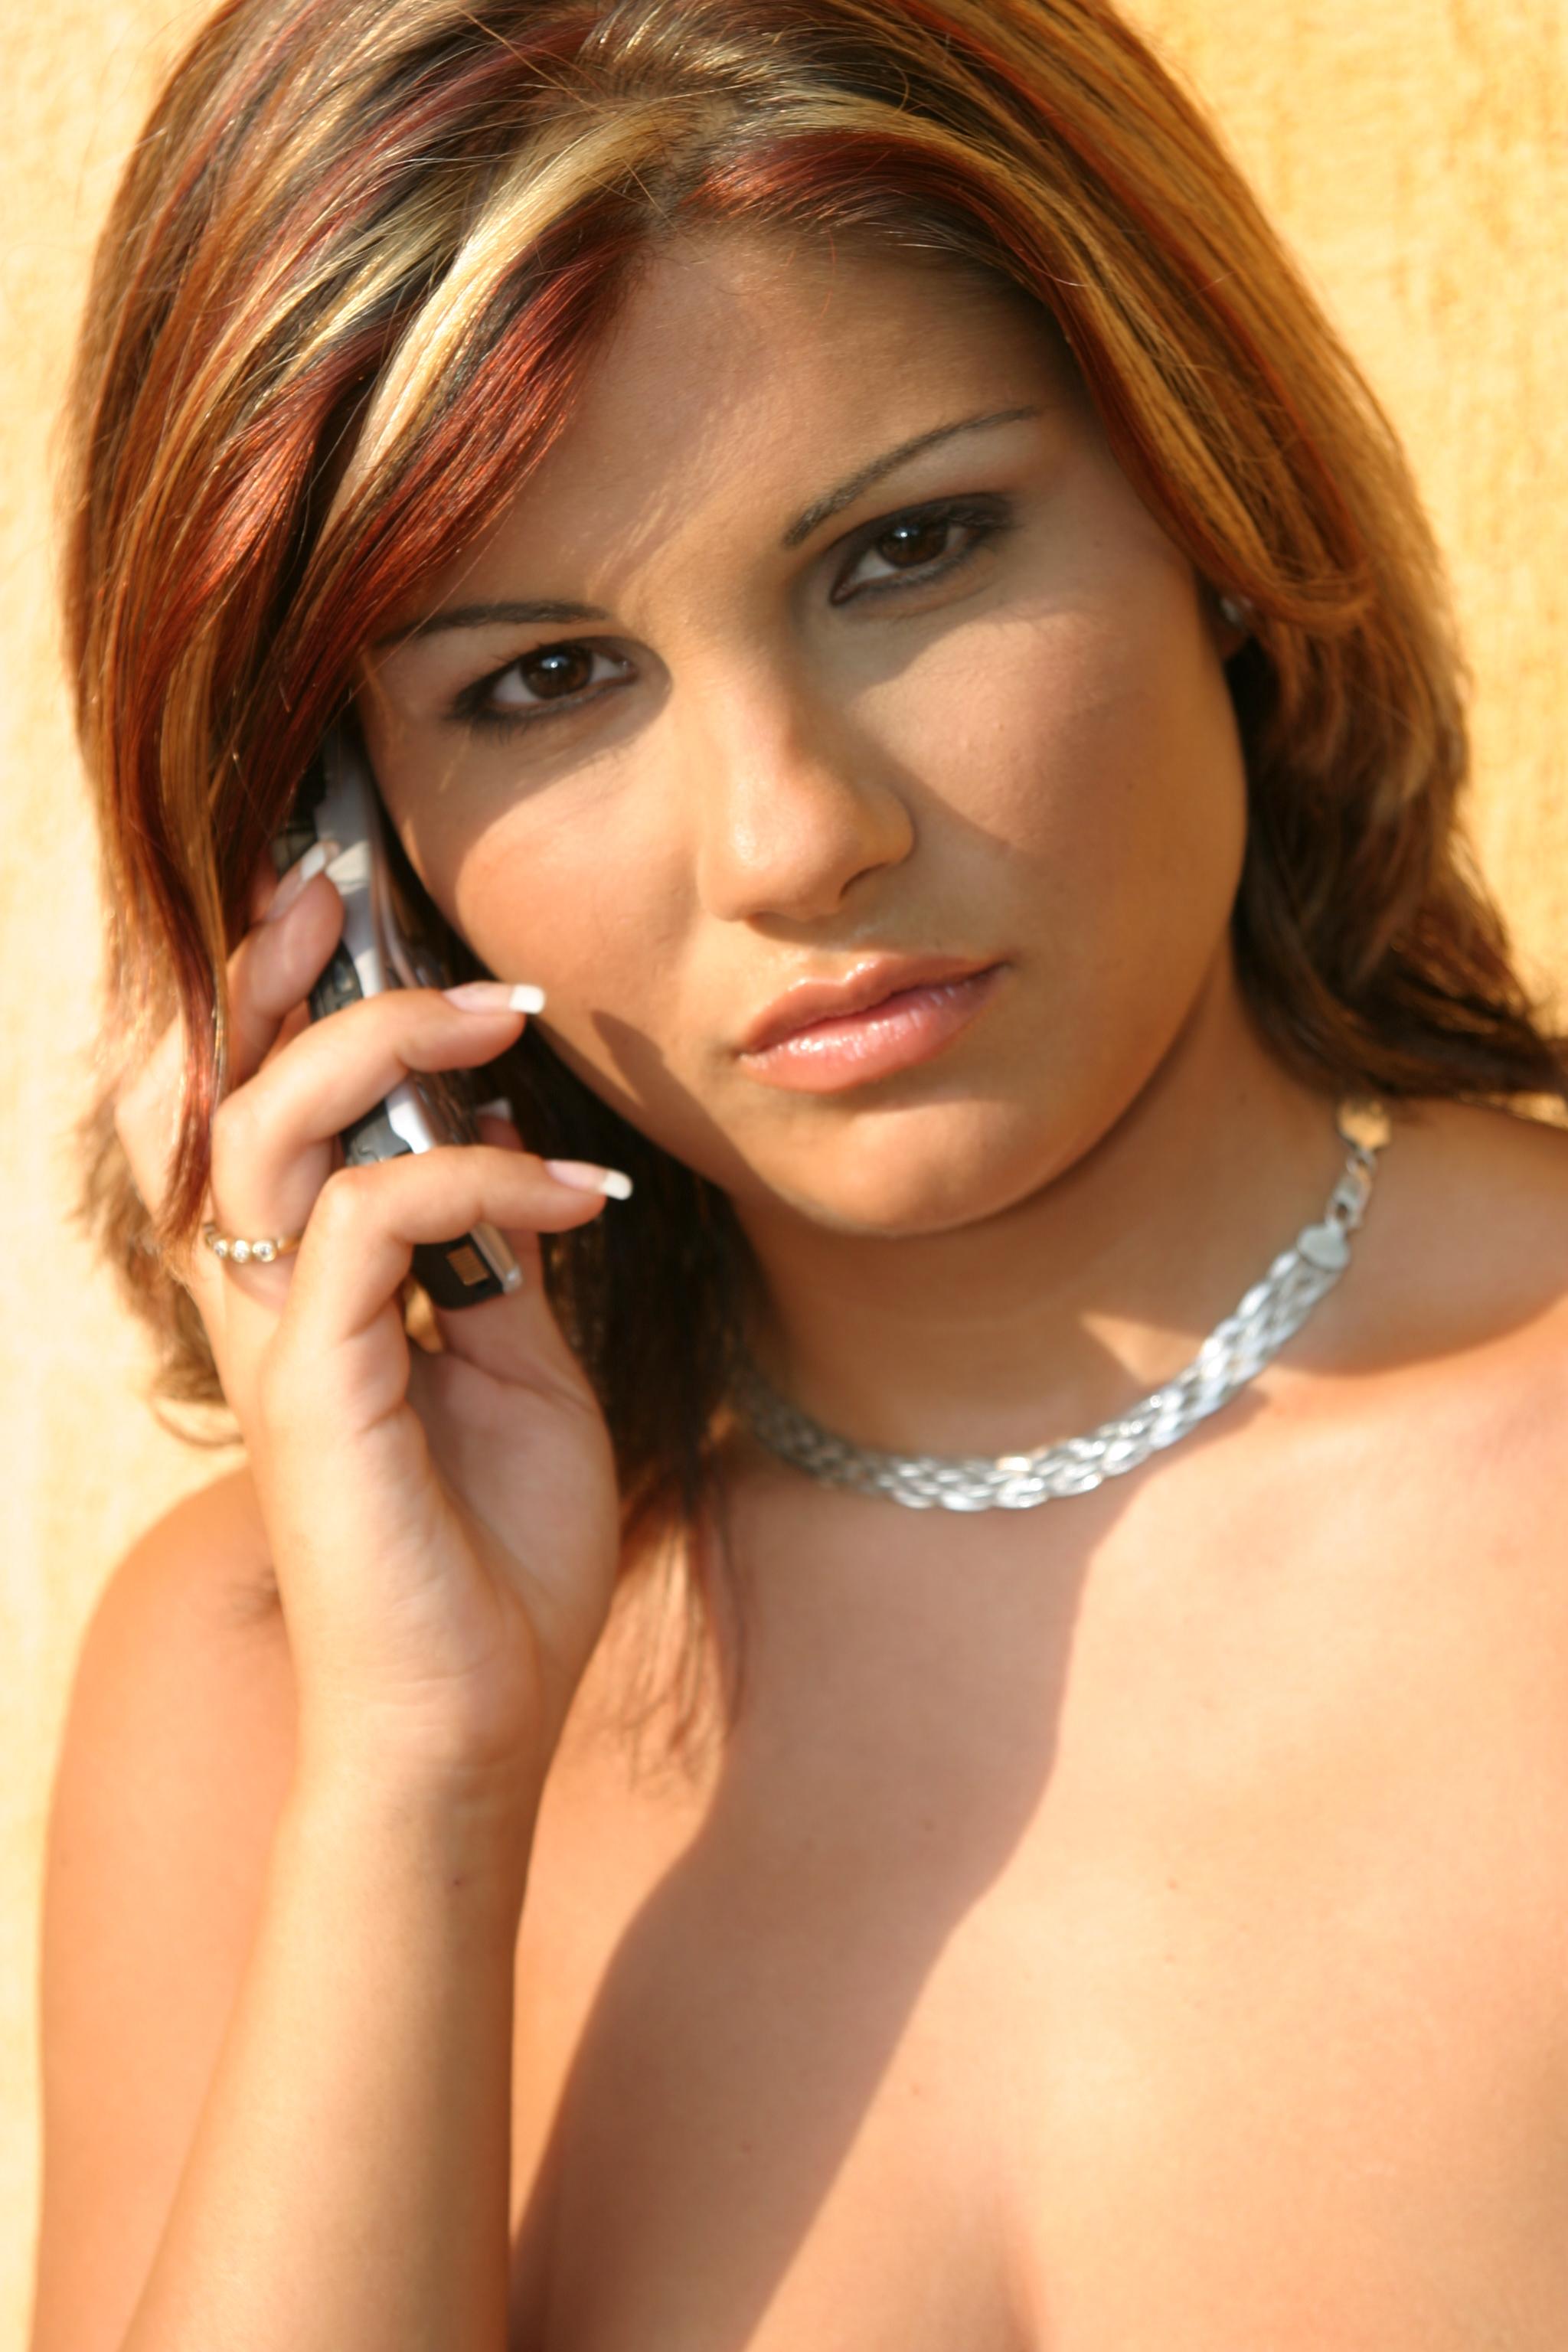 Telefonerotik Lust